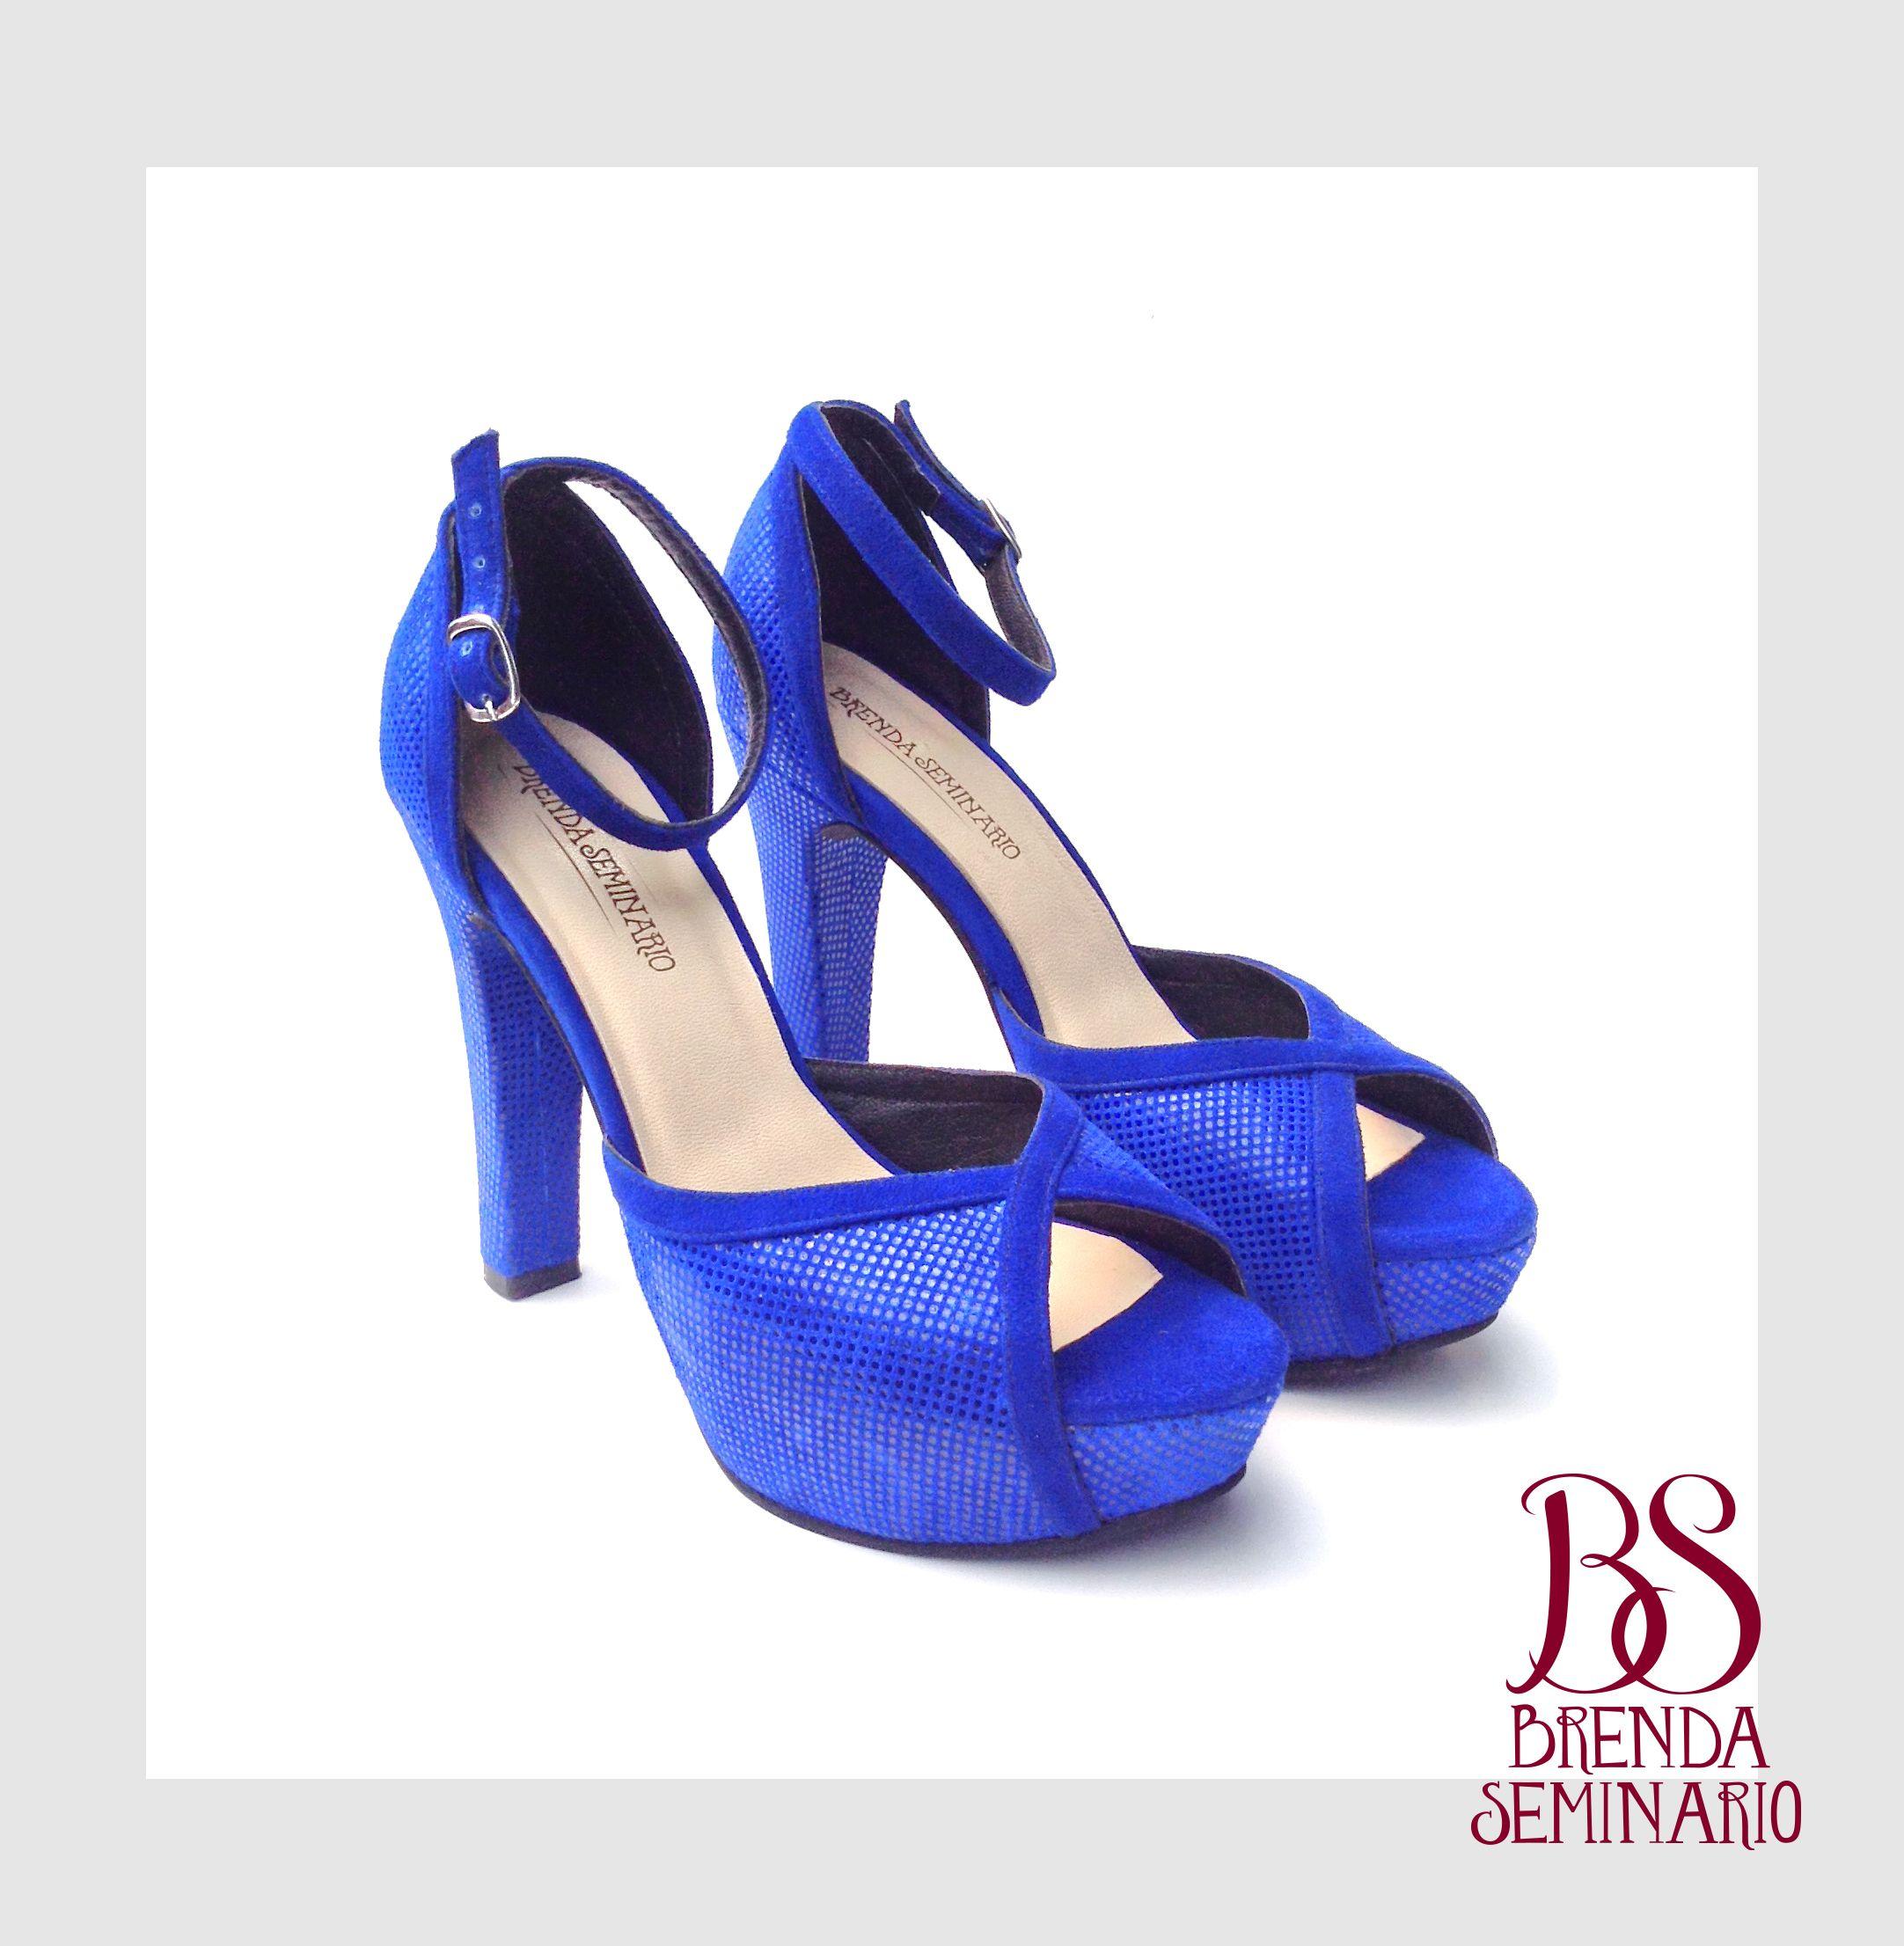 Modelo: Manhattan, gamuza azulino, alto 12cm plataforma 3cm, BS BRENDA SEMINARIO SAC